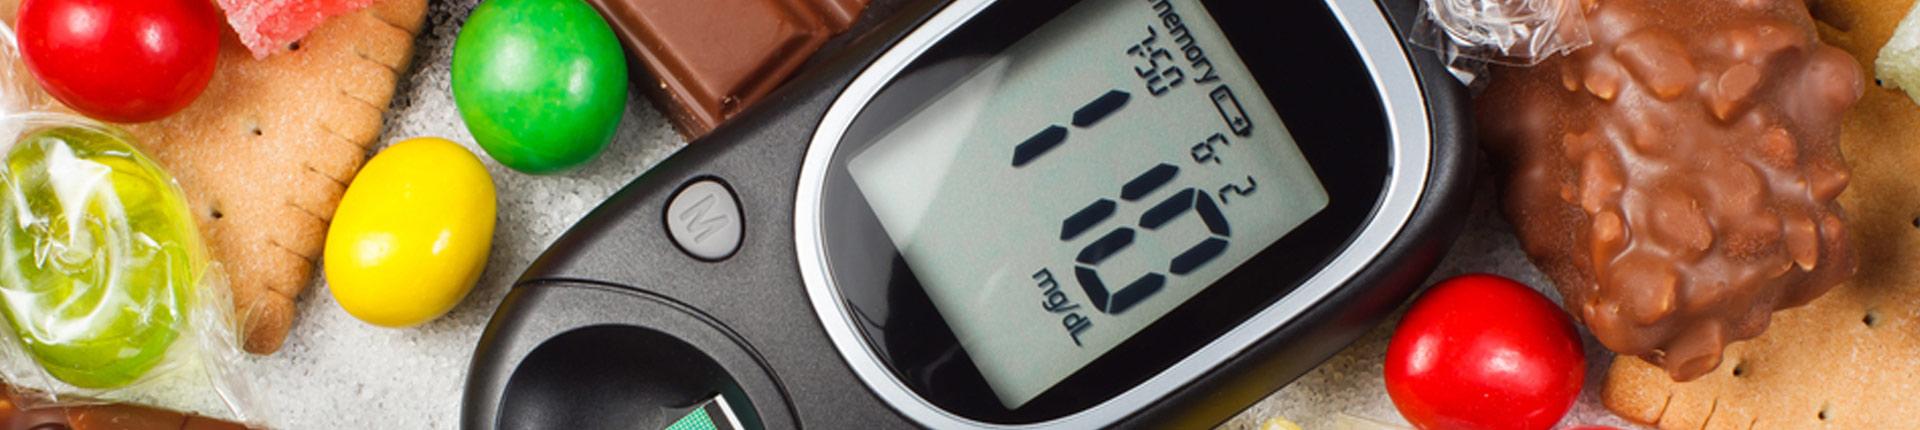 Jak skutecznie obniżyć poziom cukru we krwi?